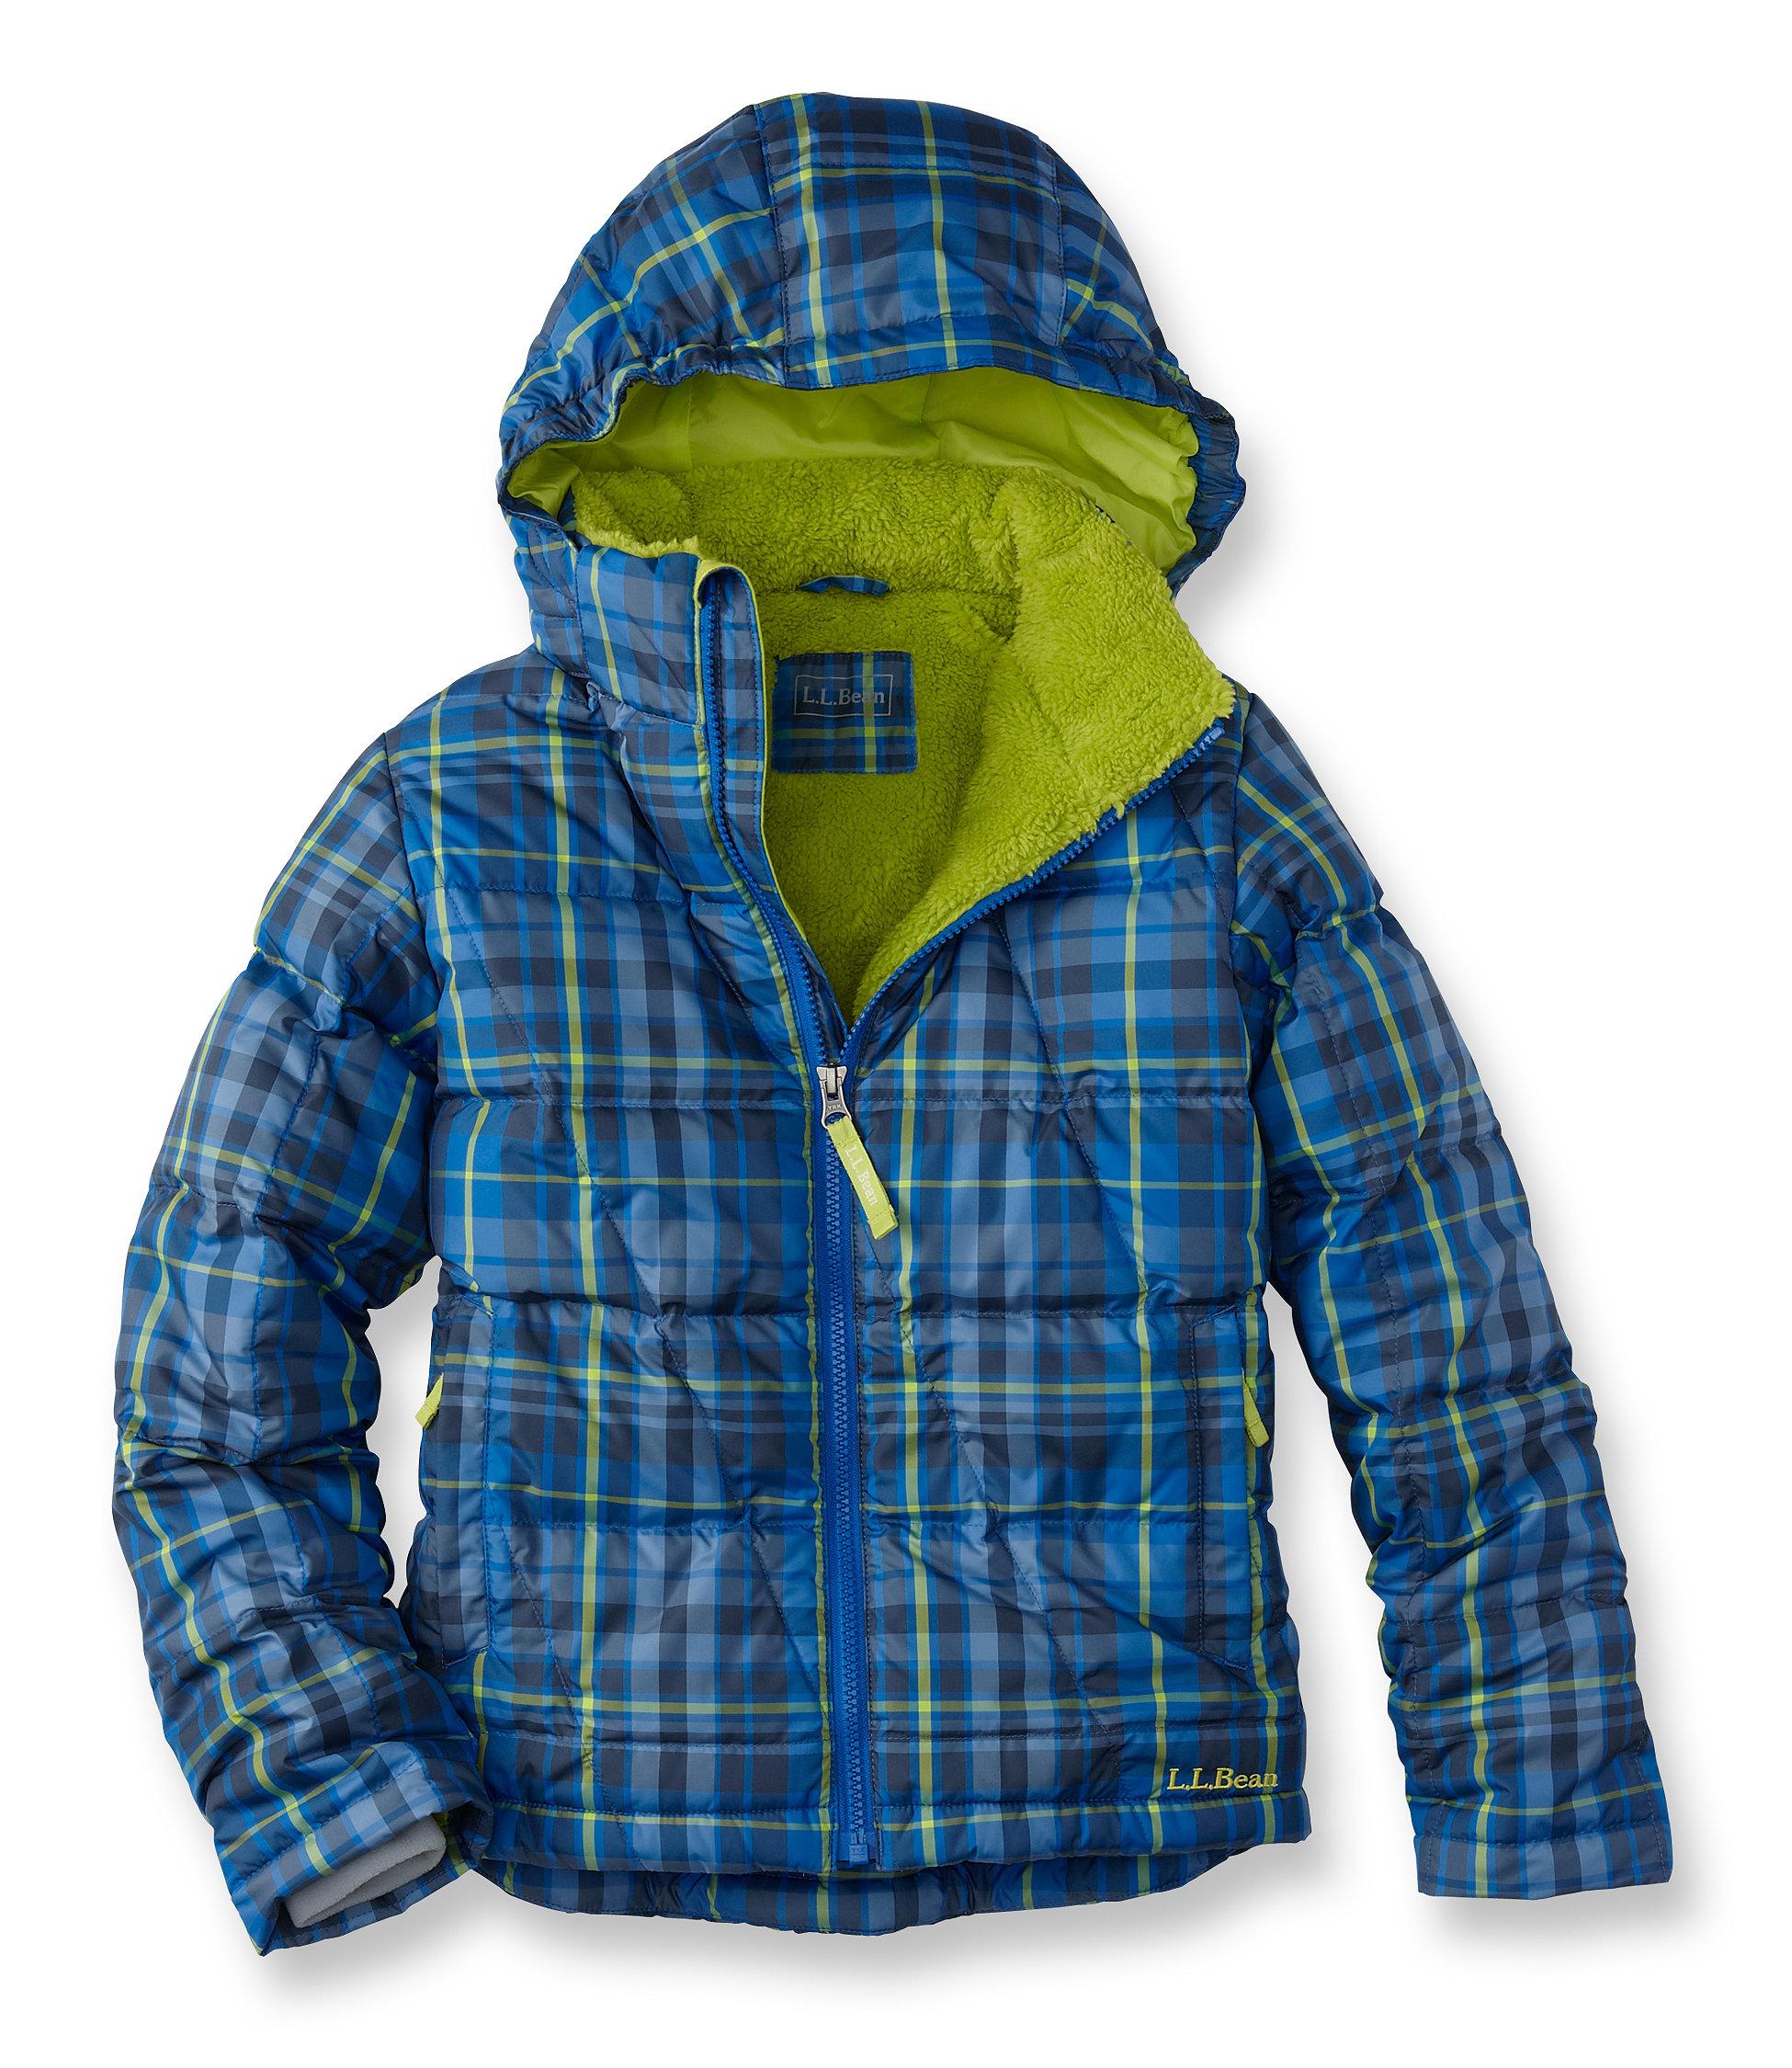 L.L.Bean Fleece-Lined Down Jacket, Plaid